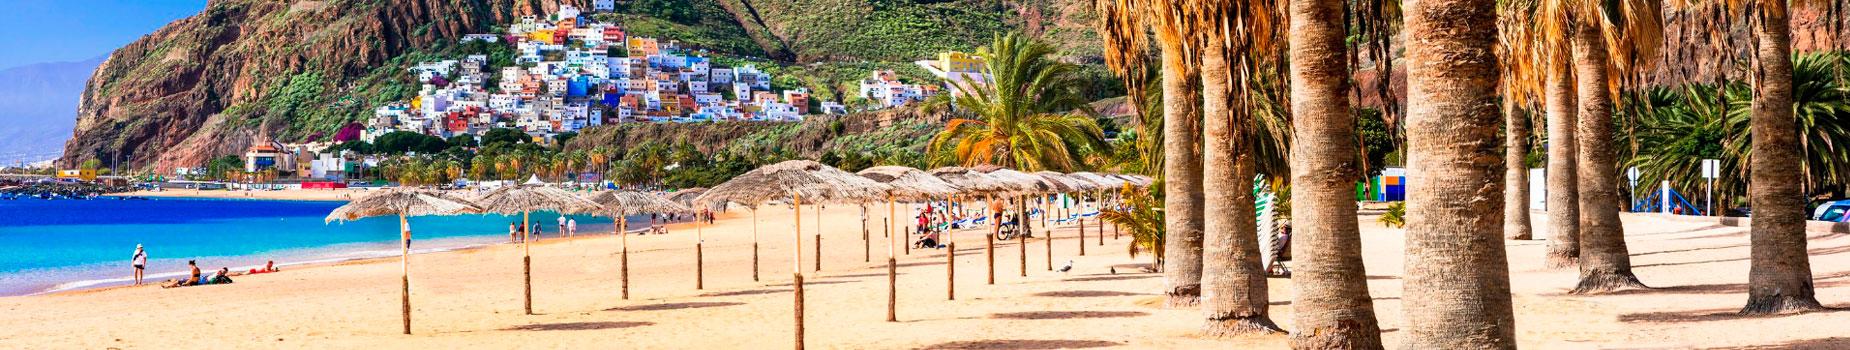 Kindvriendelijke hotels Tenerife